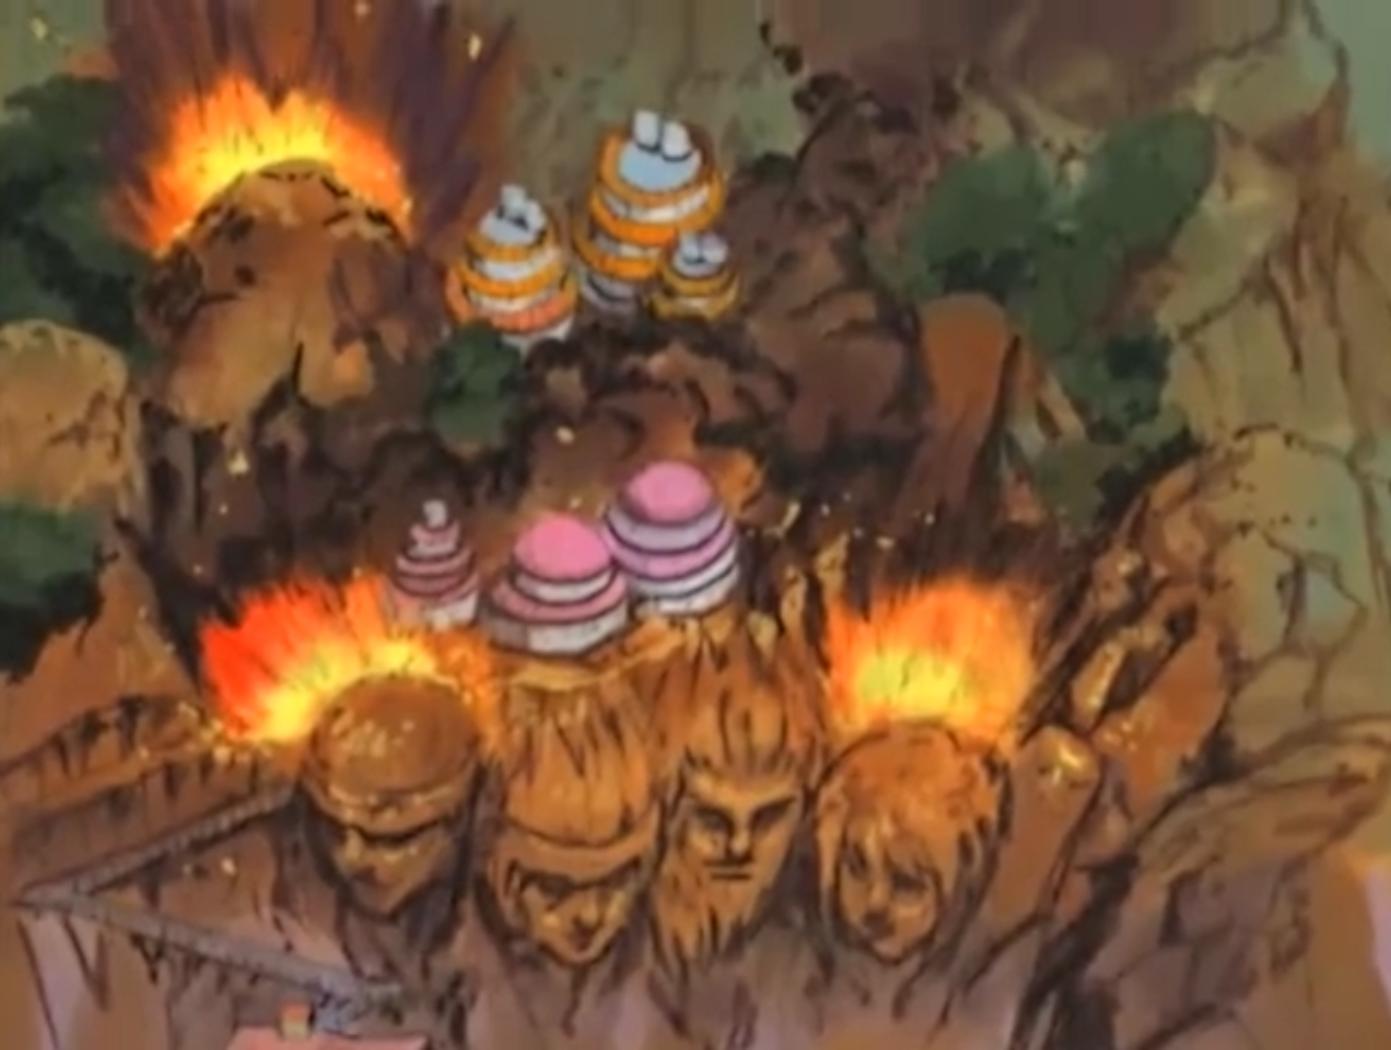 Naruto - Episódio 201: Múltiplas Armadilhas! Contagem Regressiva para a Destruição